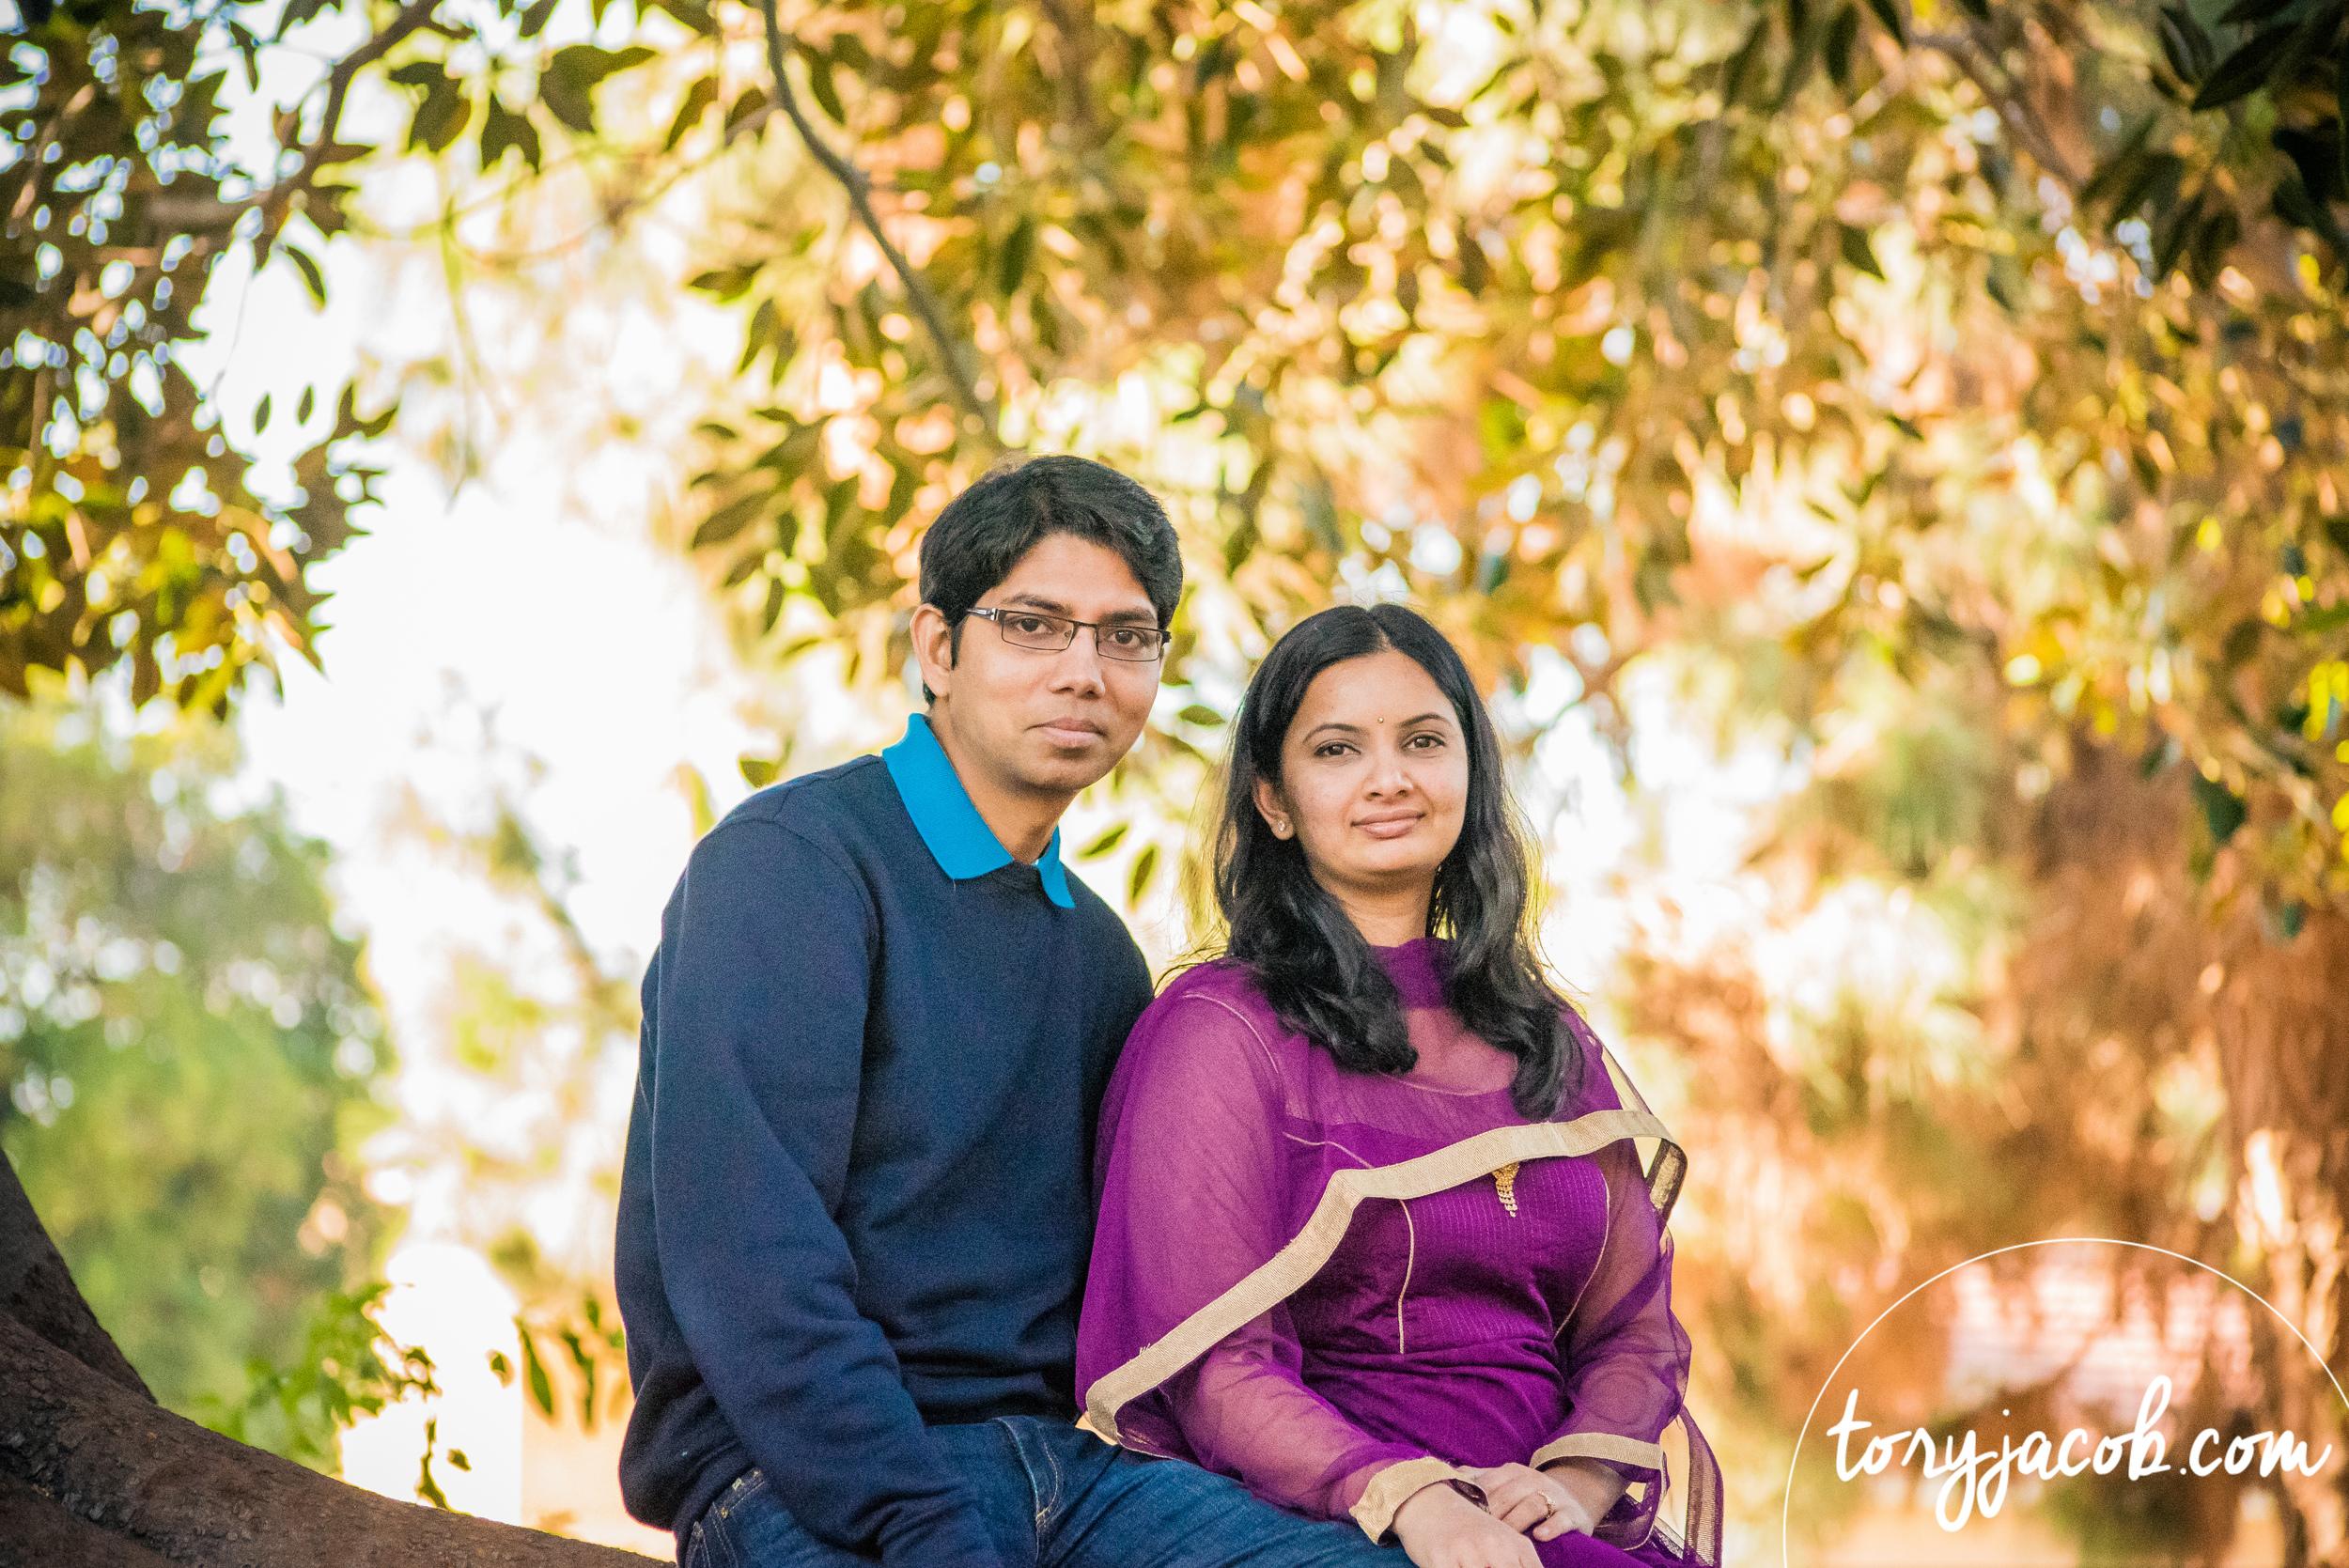 Vasuda+Satish_SneakPeeks-1-2.JPG